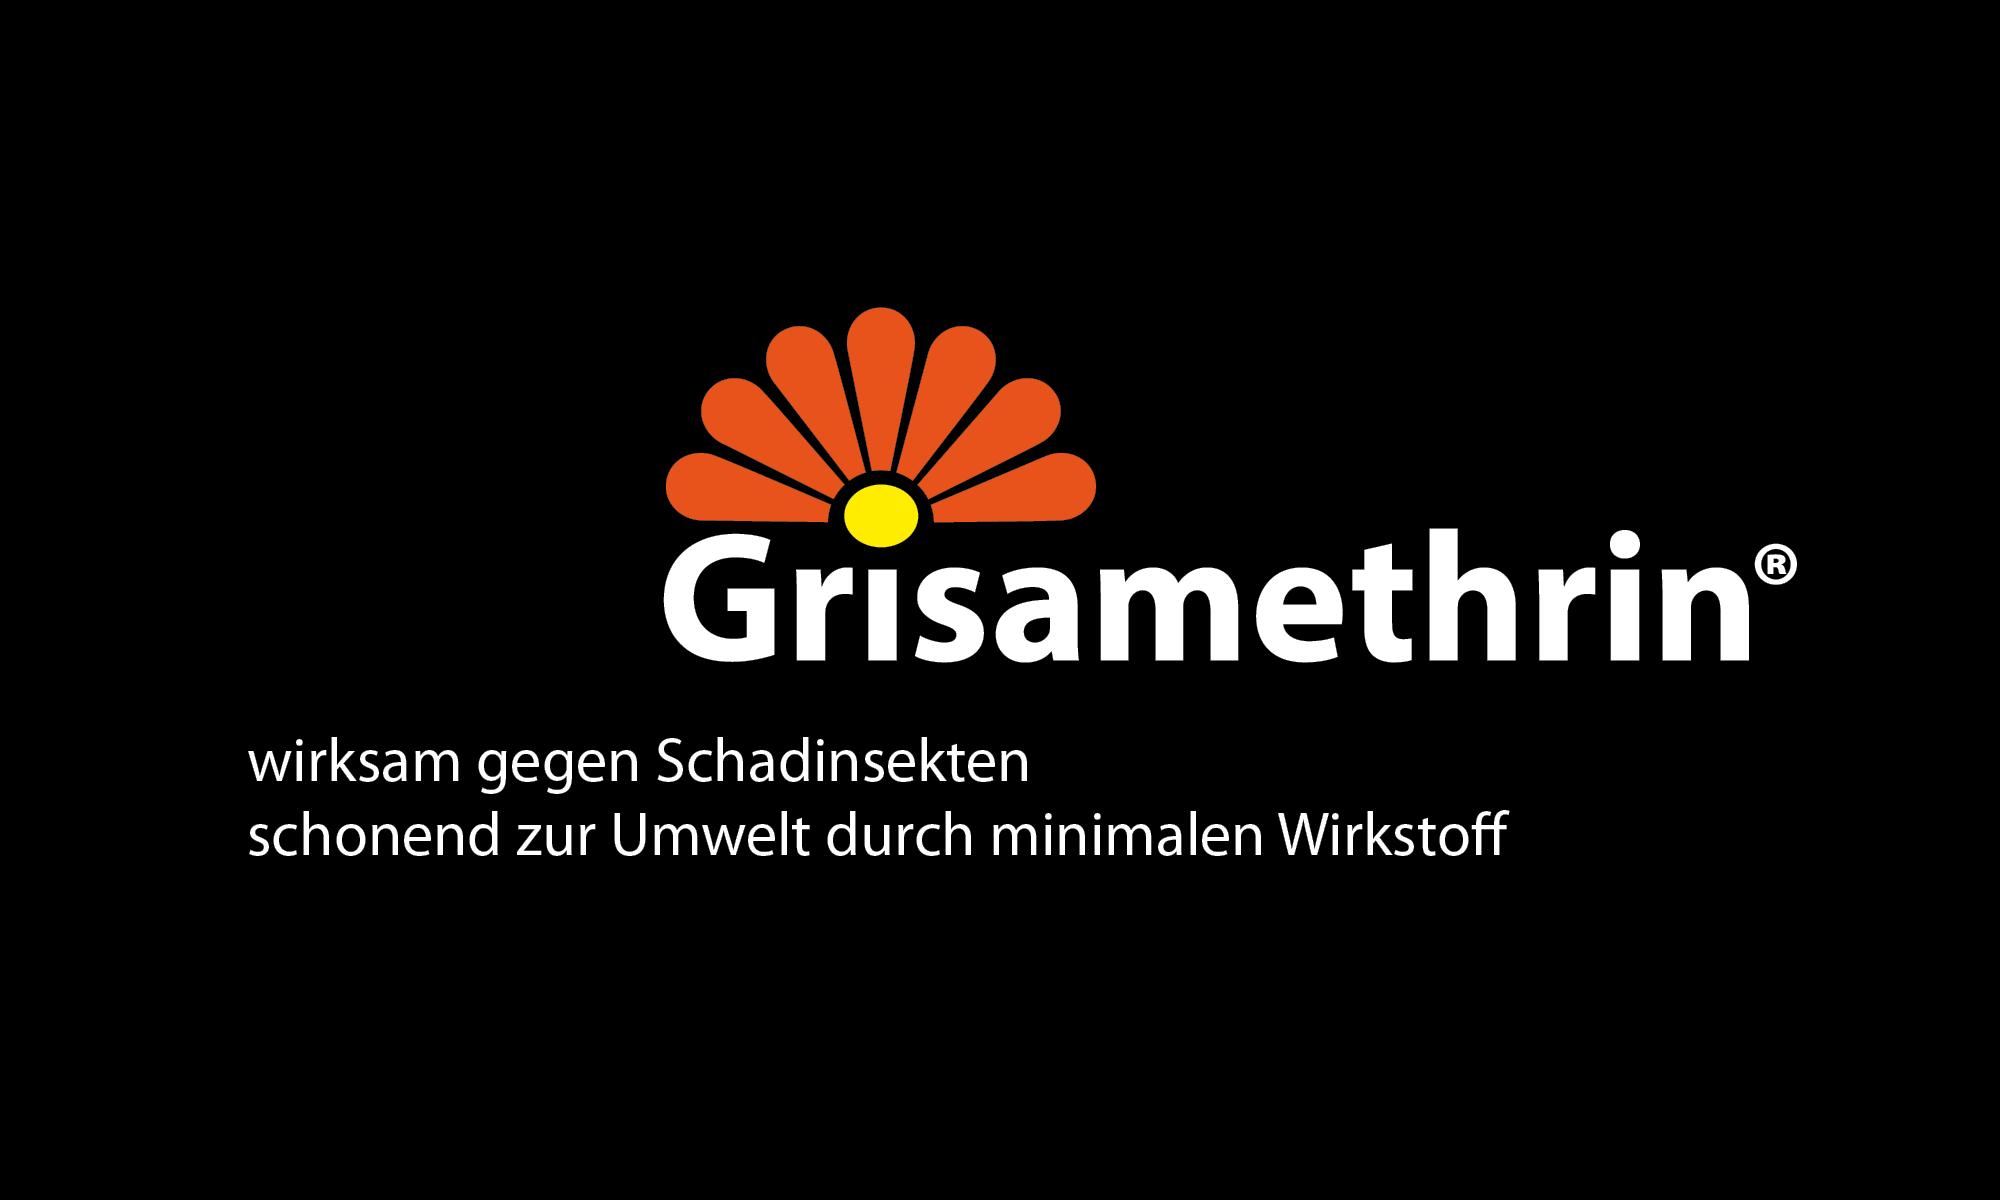 Logo Grisamethrin, weiße Schrift, orangene Blütenblätter auf schwarzem Hintergrund